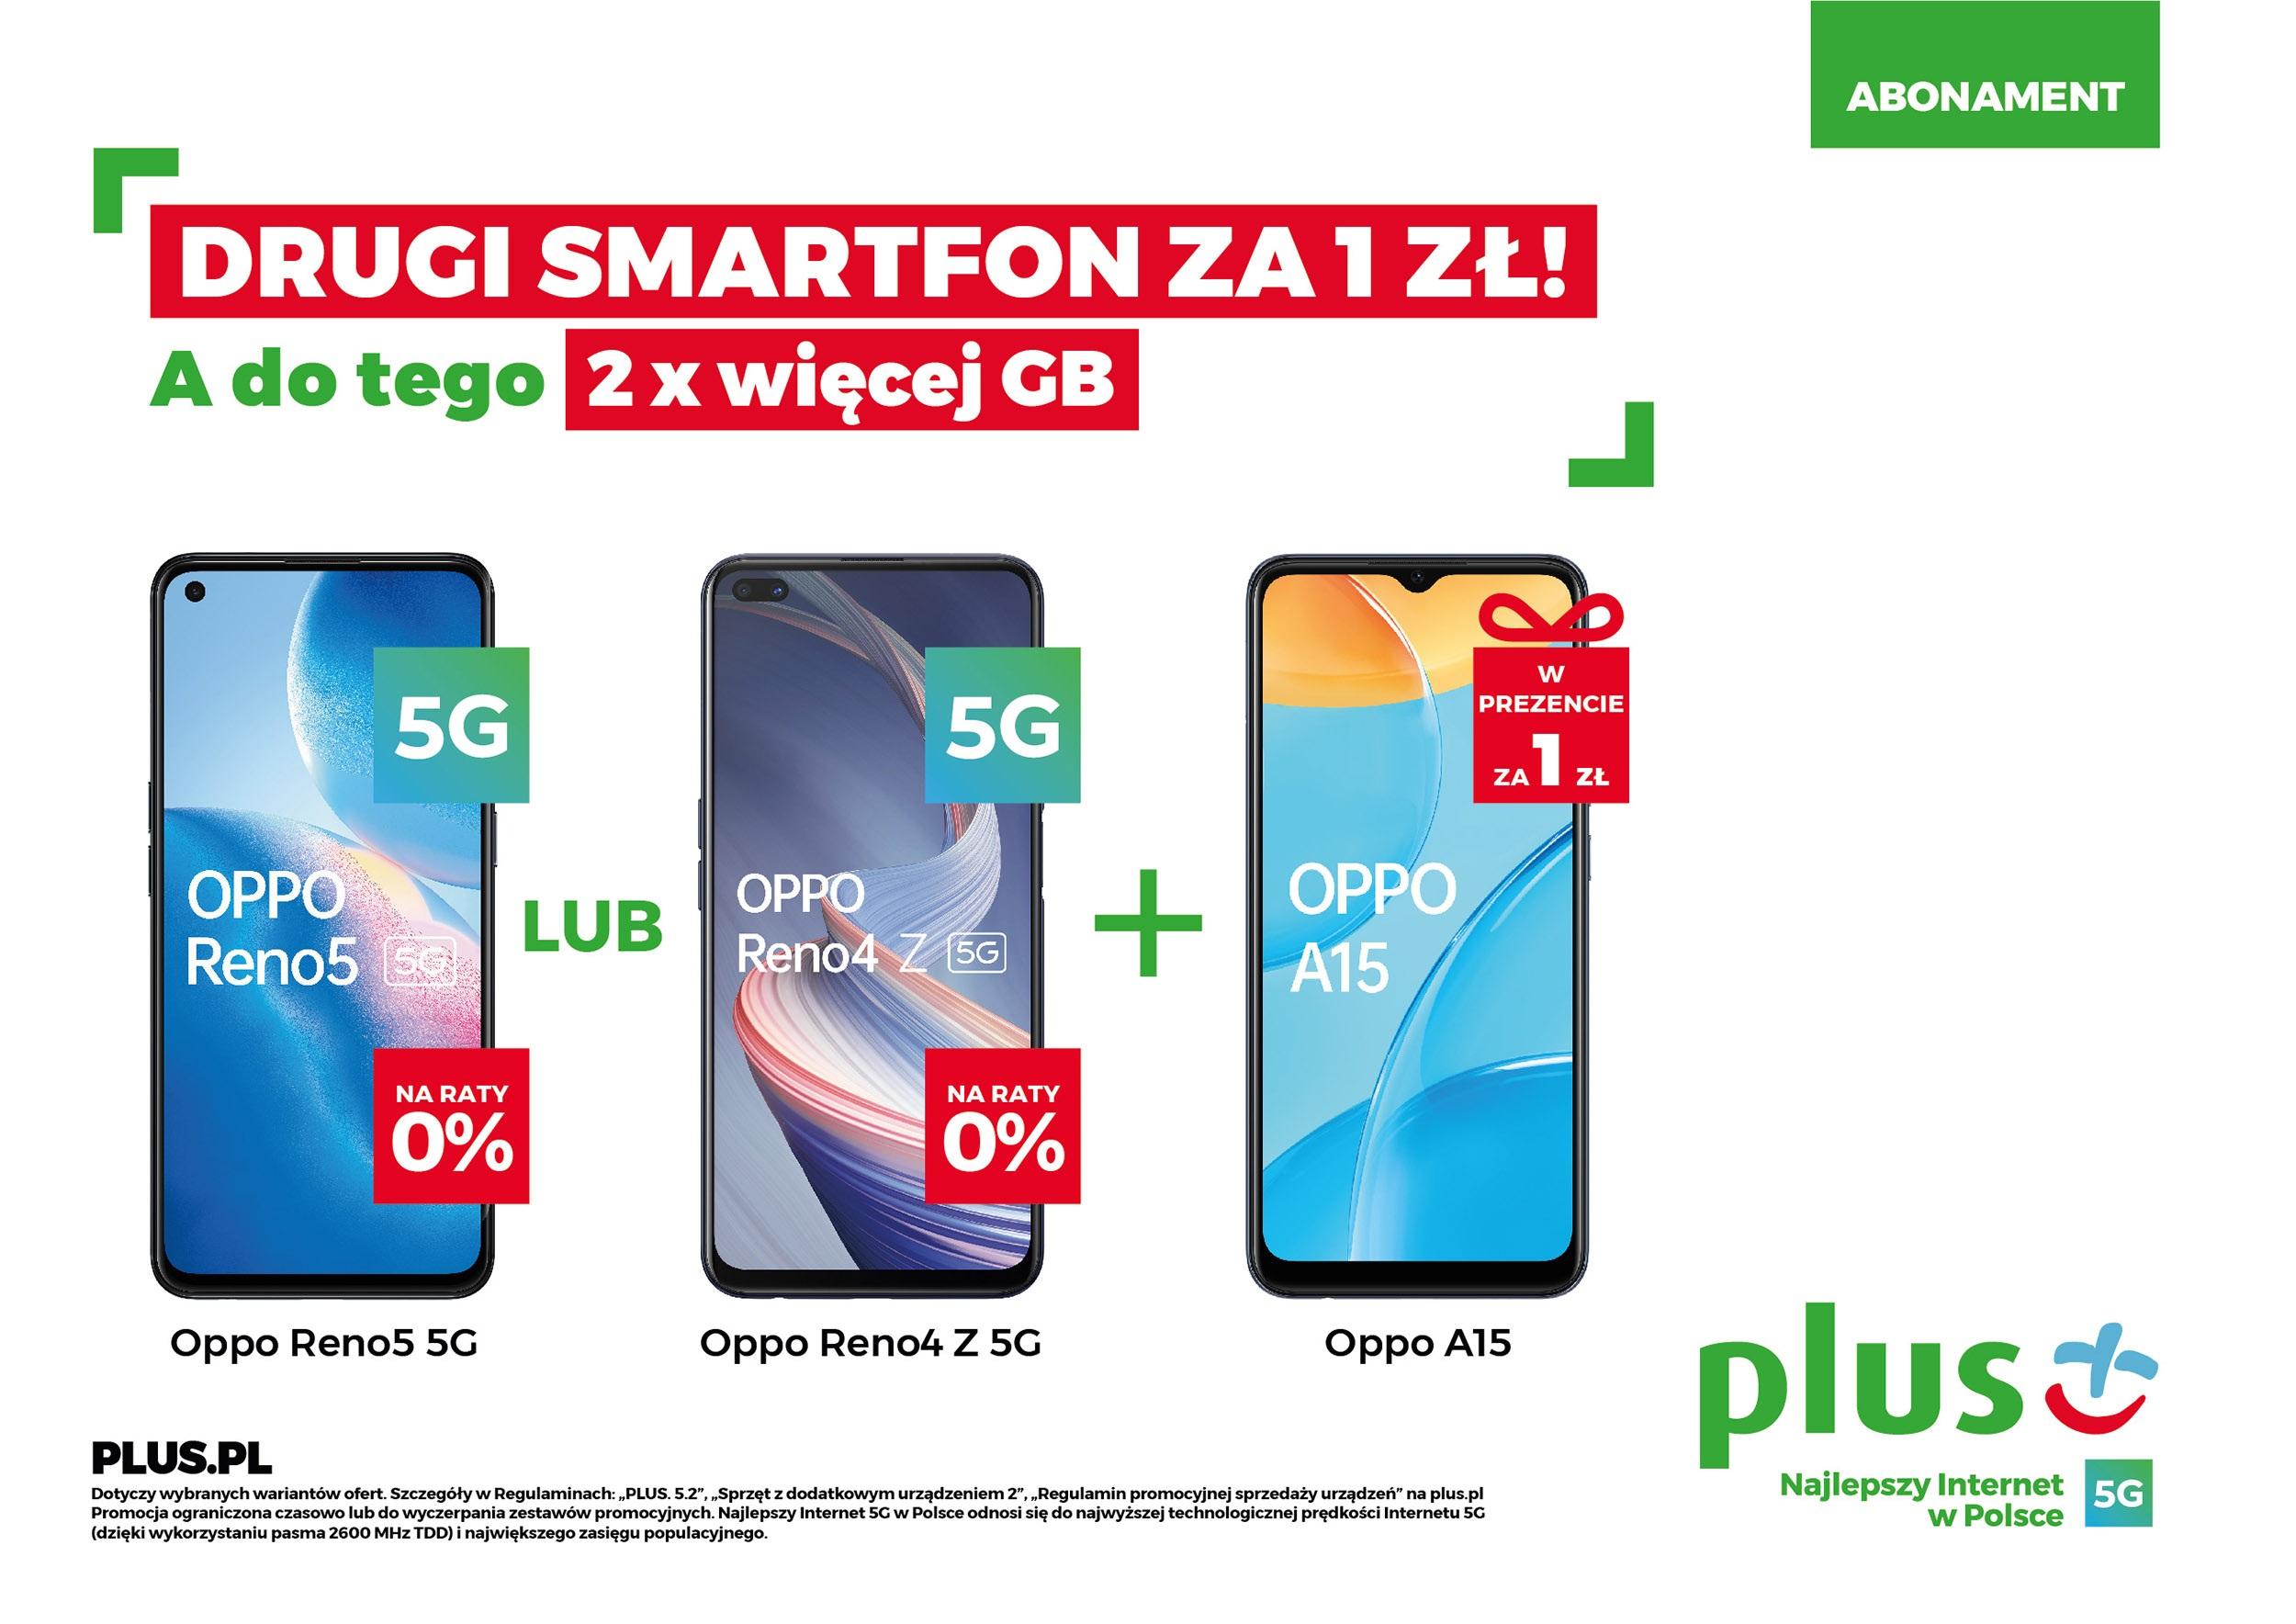 promocja Plus drugi smartfon za złotówkę abonament wiosna 2021